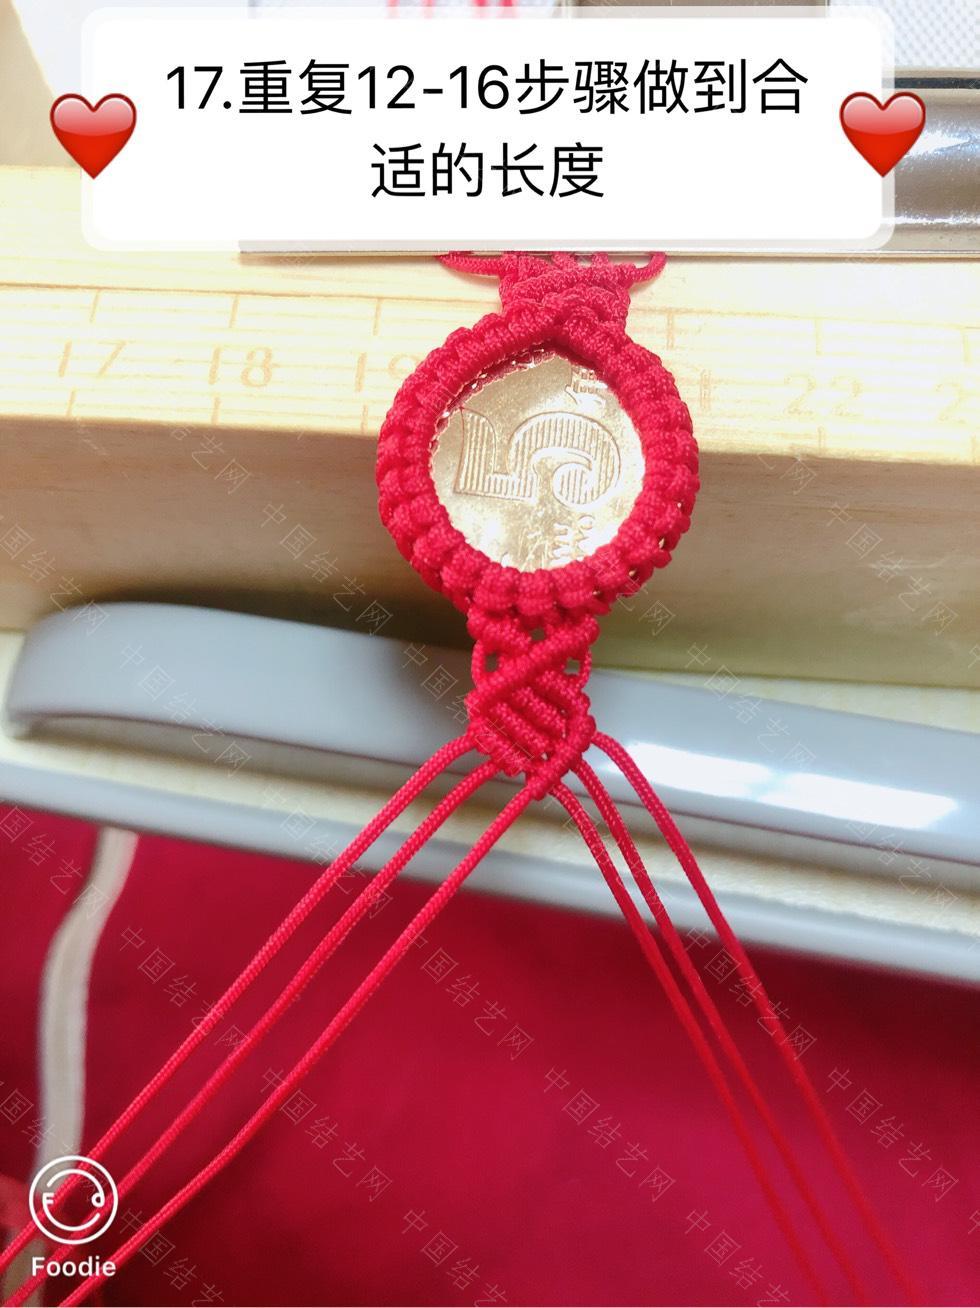 中国结论坛 五毛硬币手链(宽版)  图文教程区 185031kgyq5gq96iby5reu